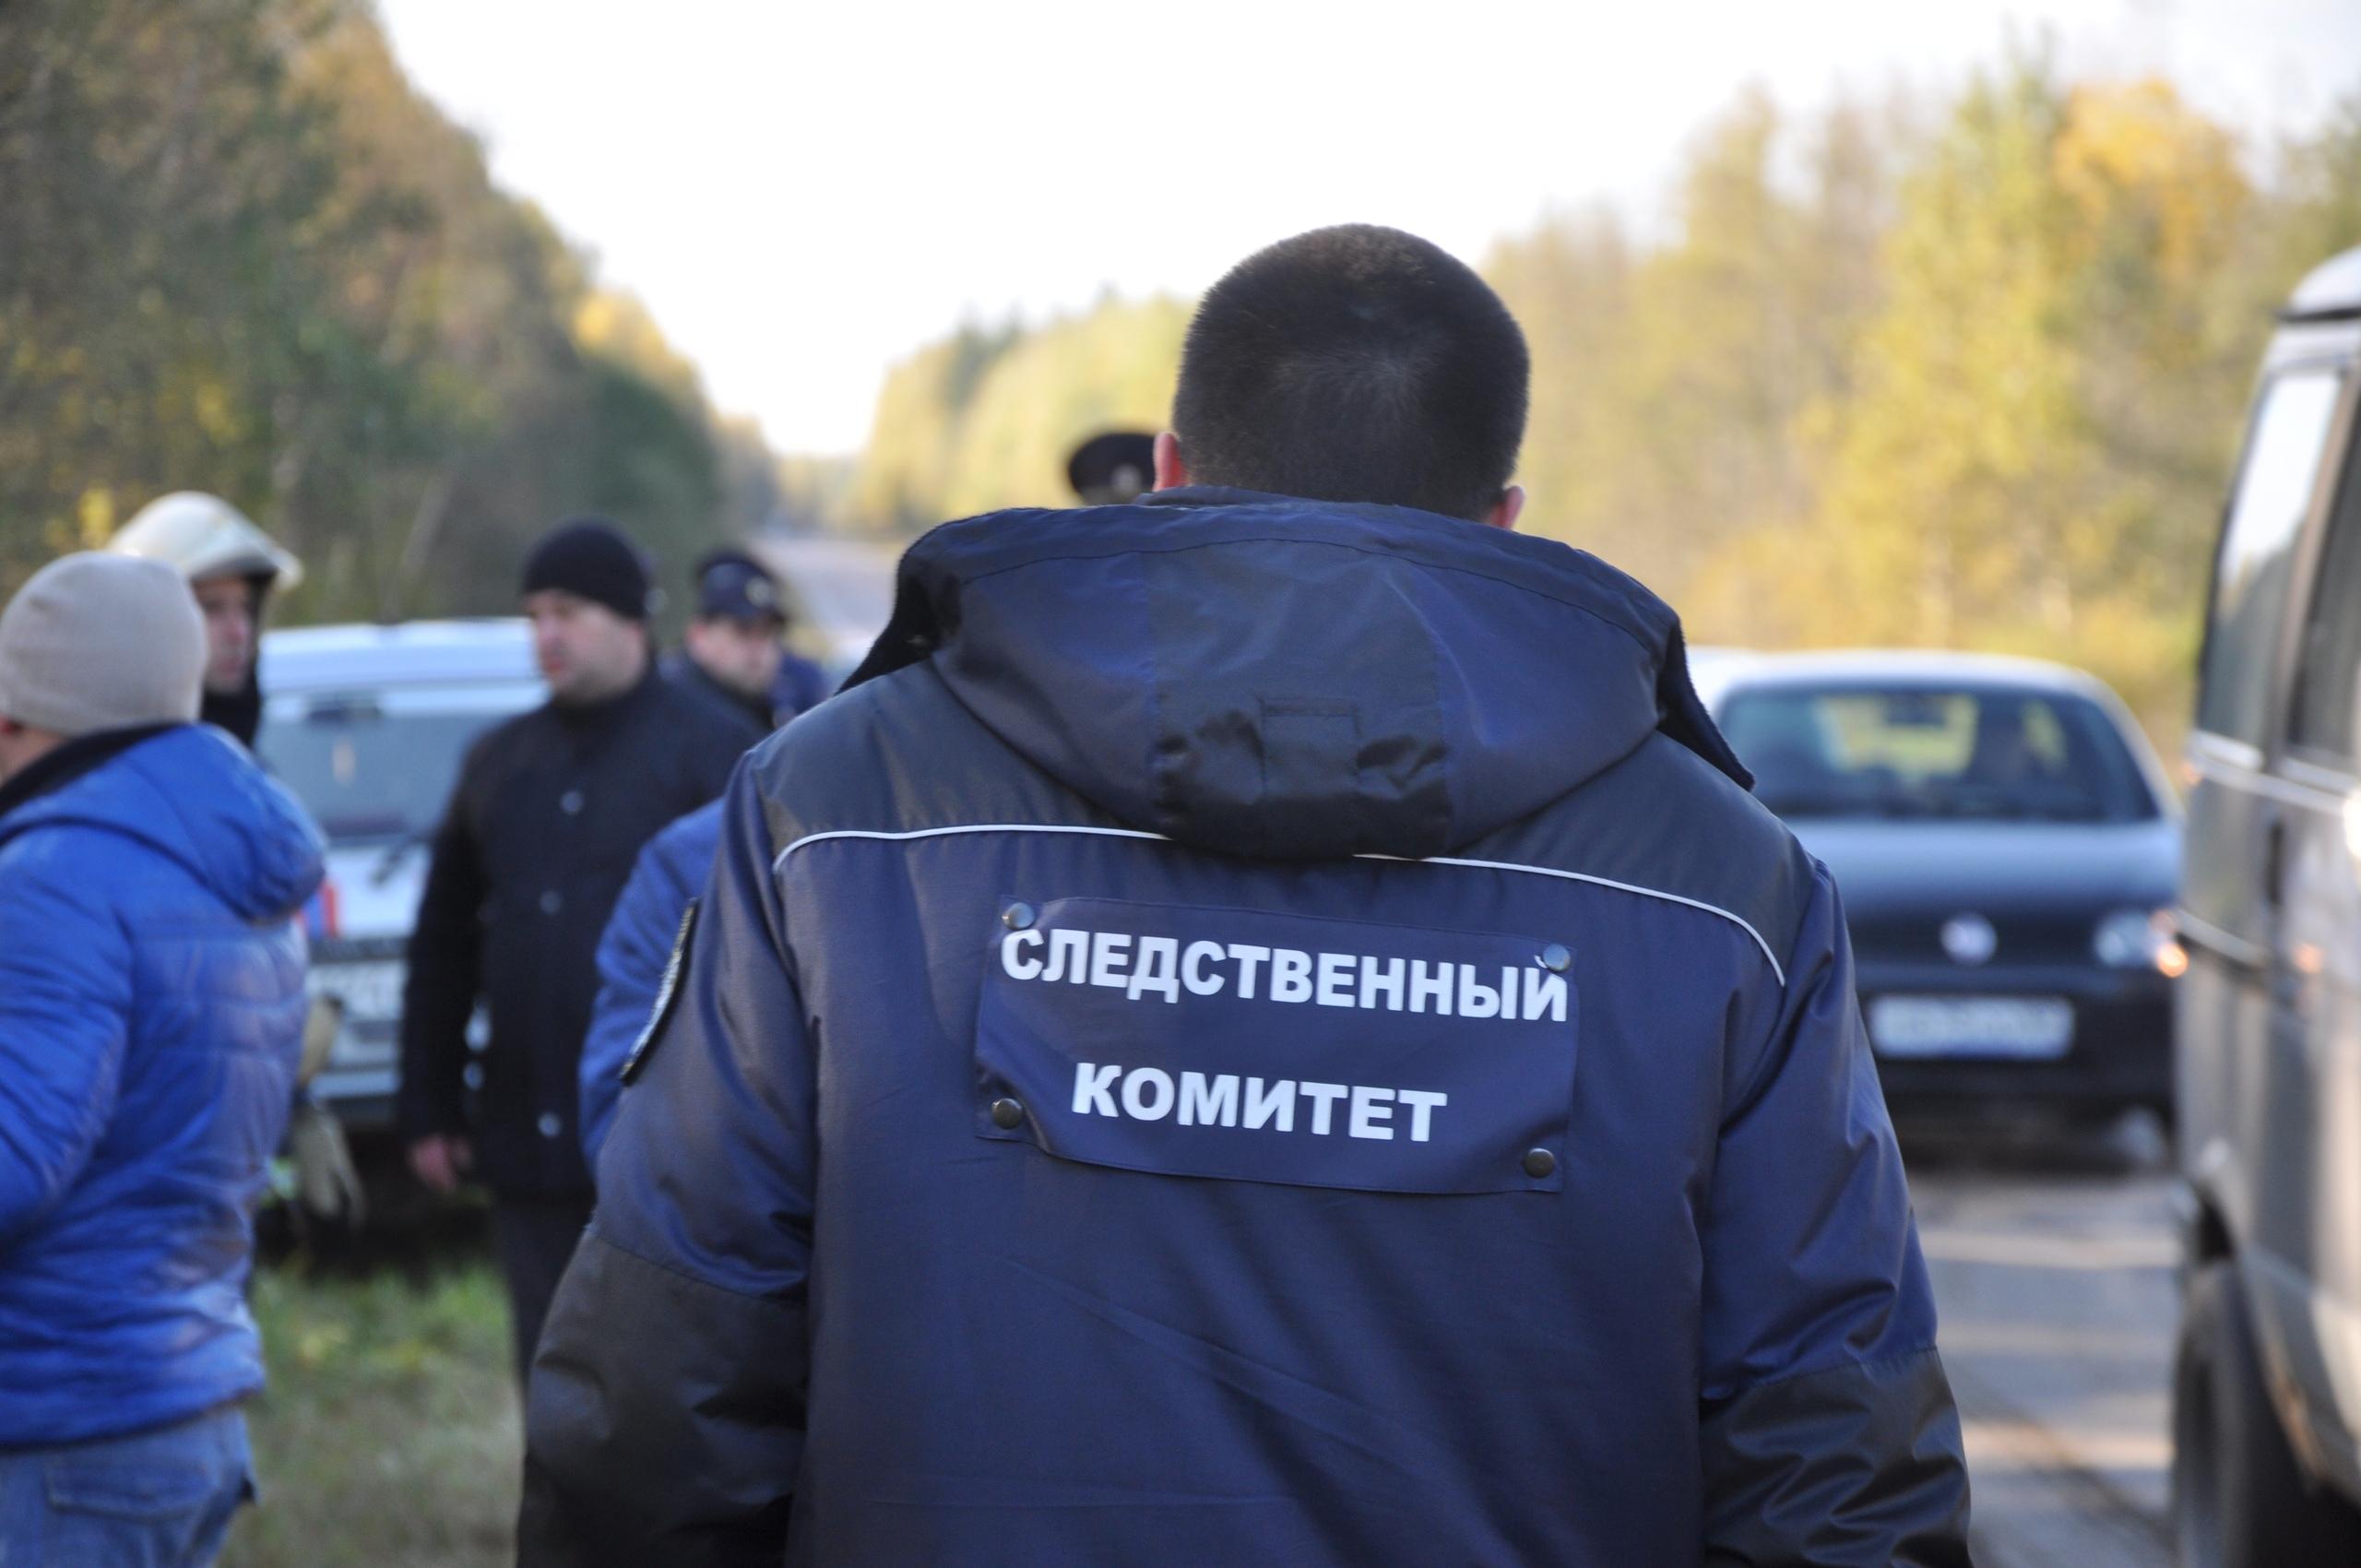 В Тверской области задержали обвиняемого в педофилии жителя Подмосковья - новости Афанасий